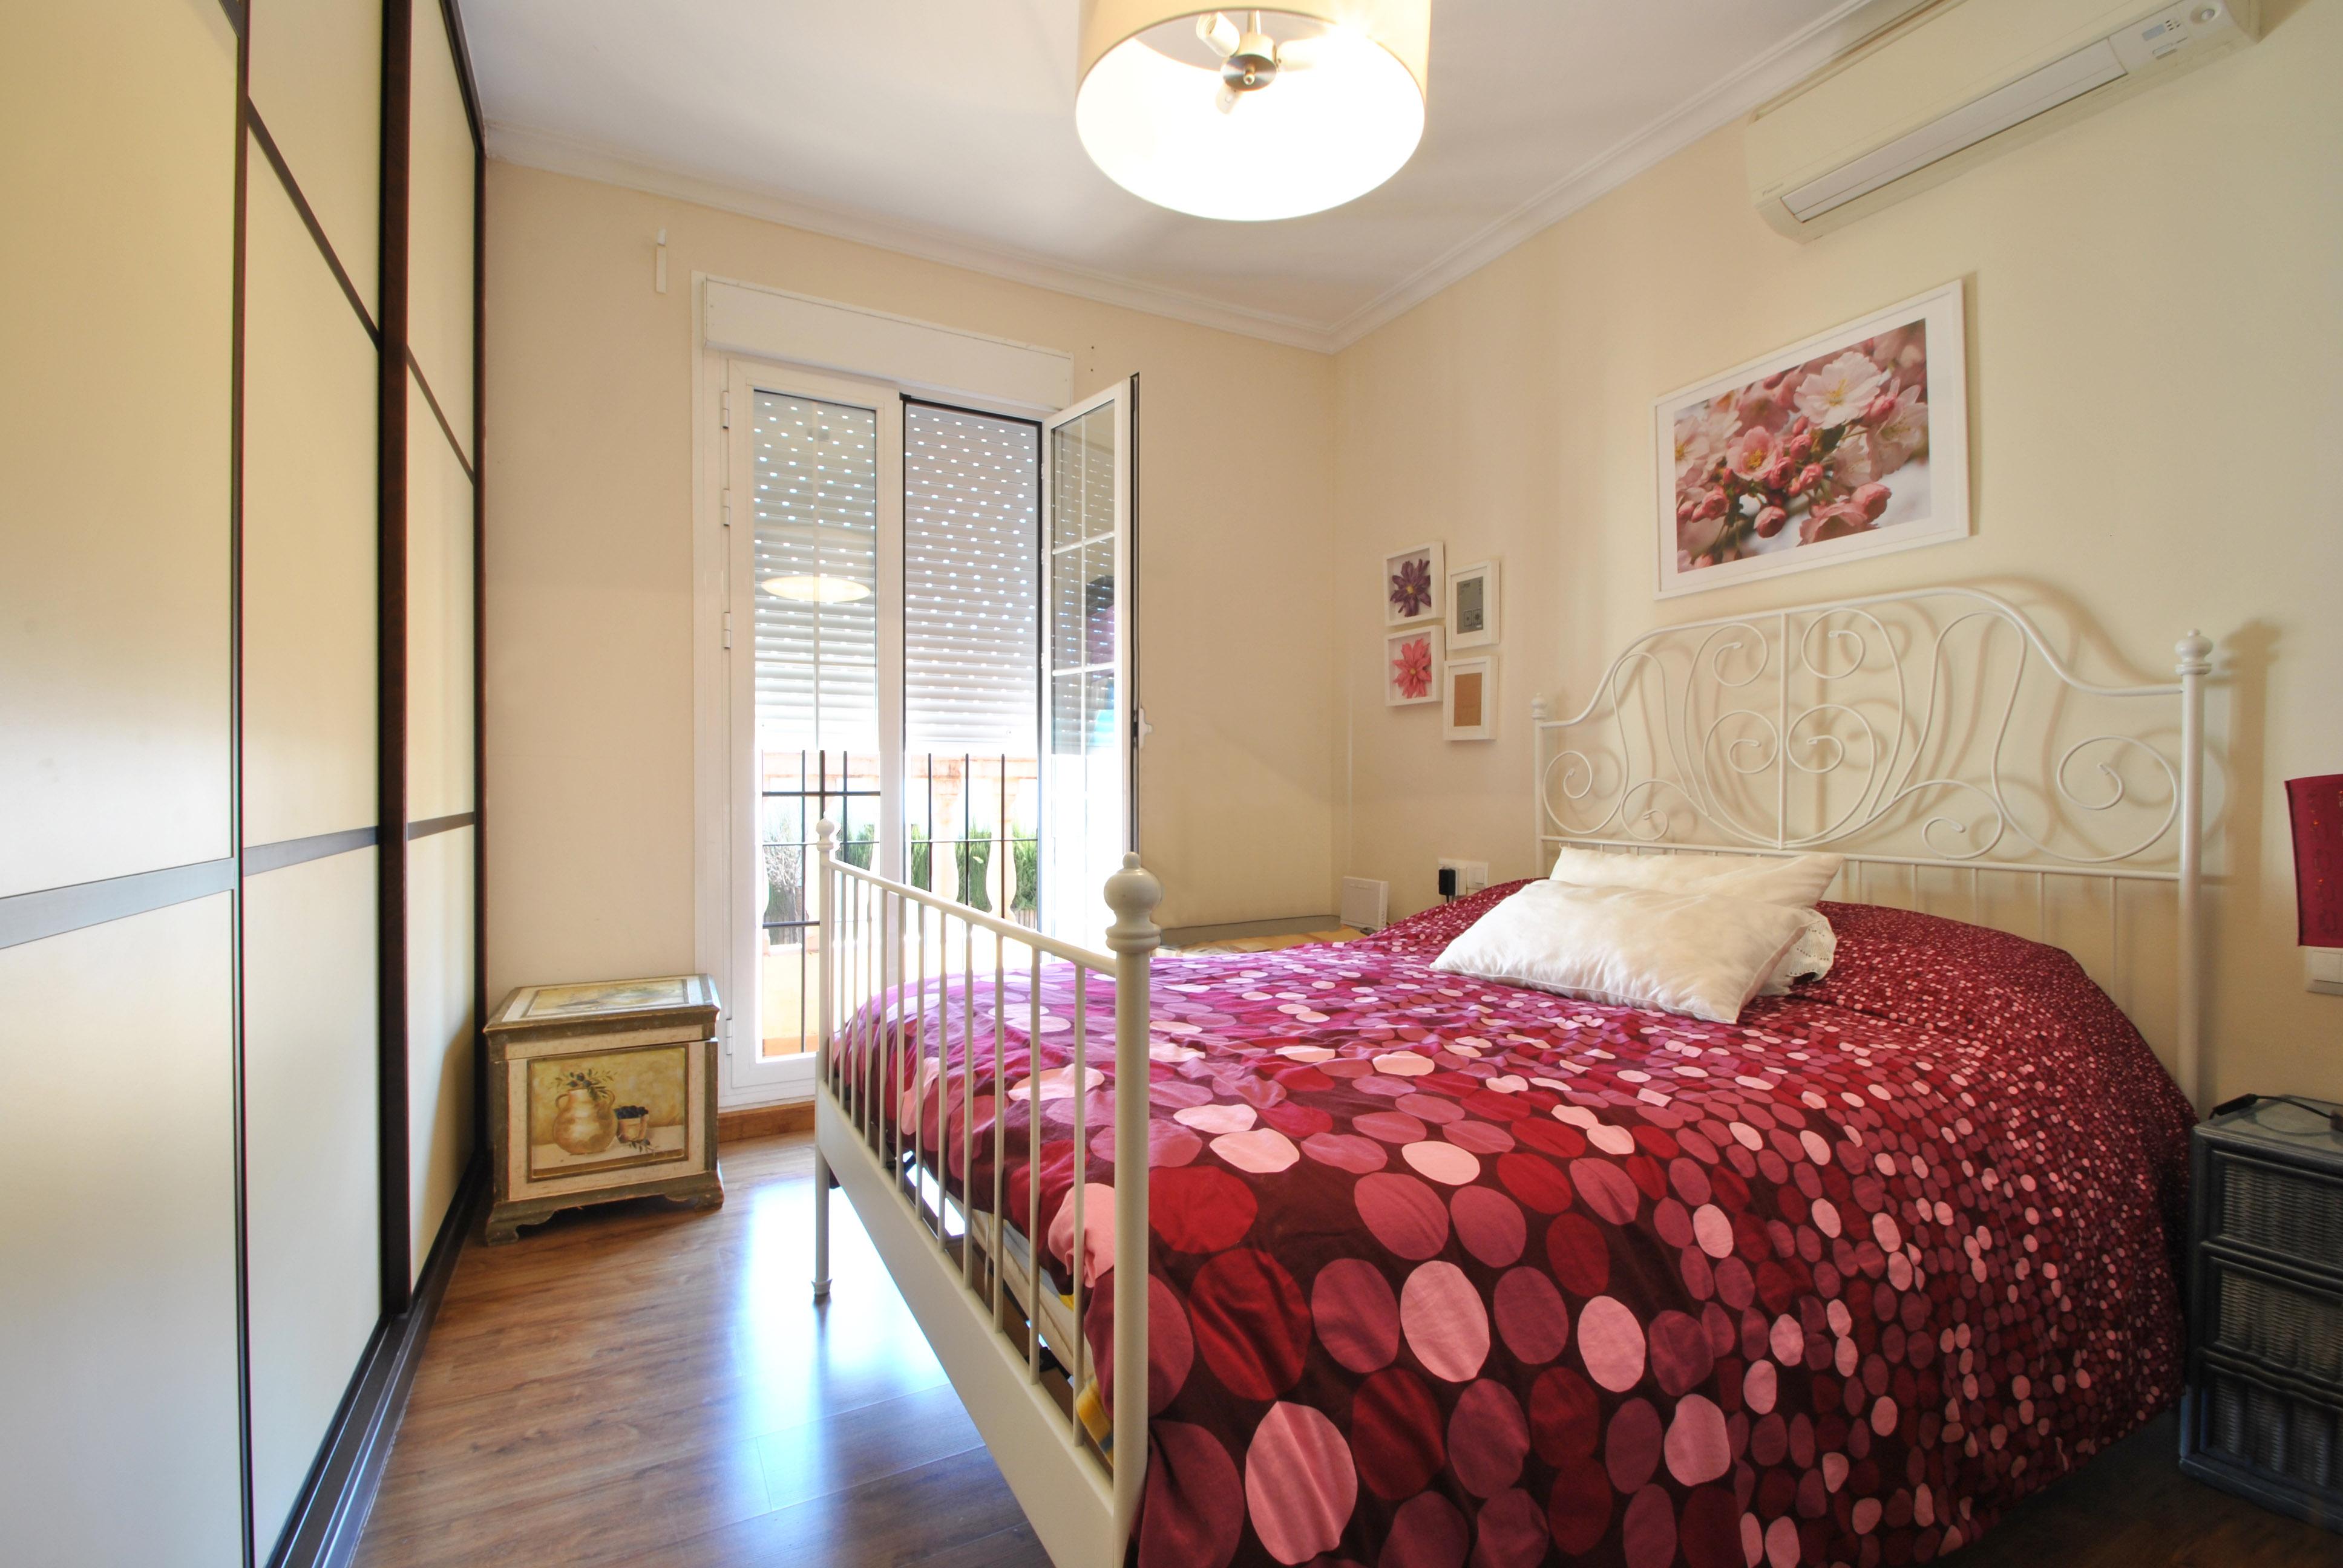 Dormitorio principal con armario empotrado y balcón exterior